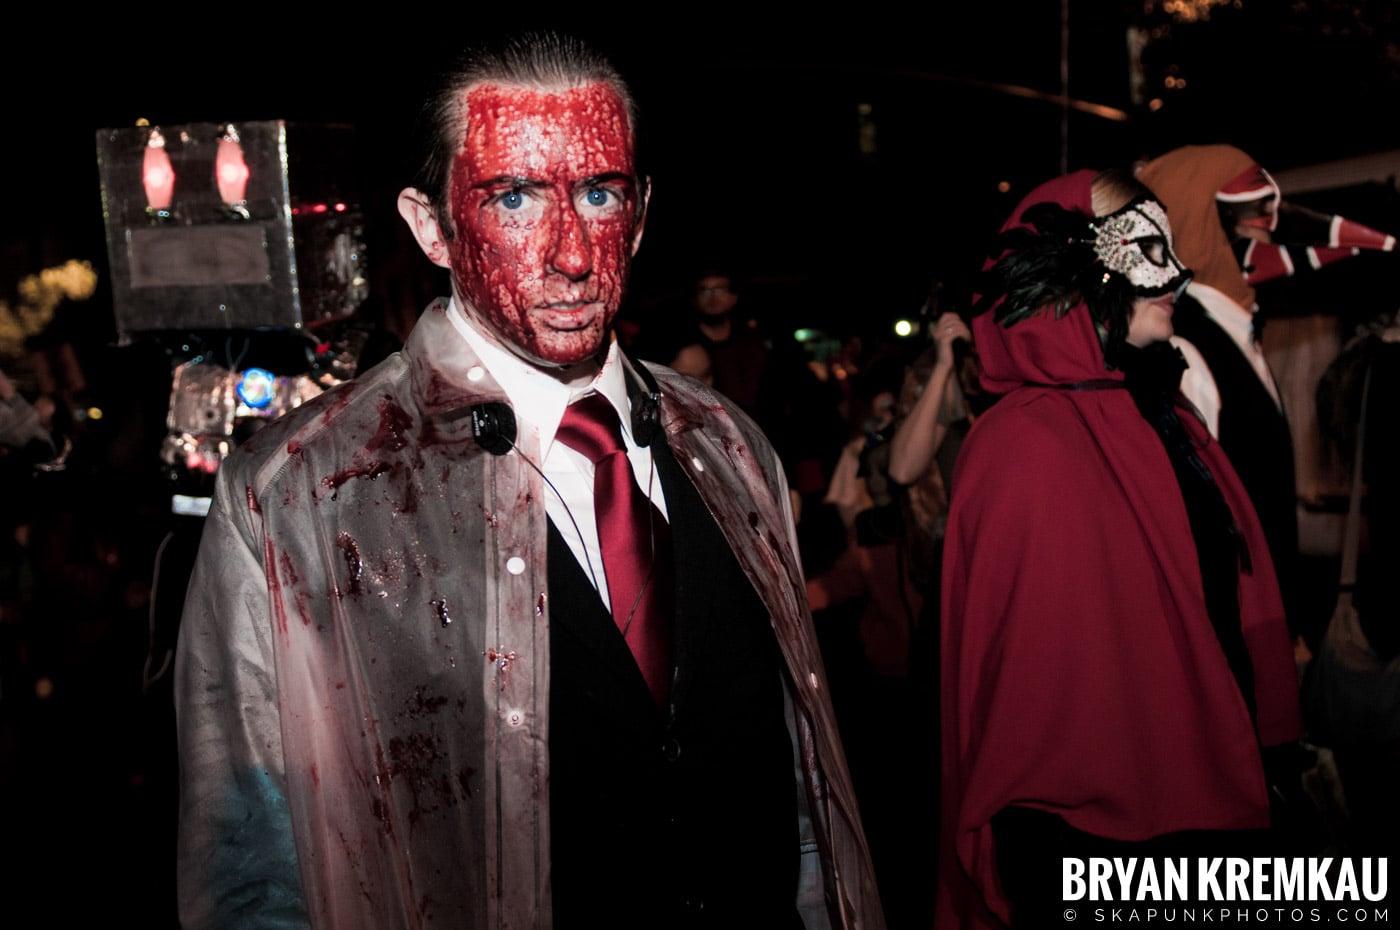 NYC Halloween Parade 2011 @ New York, NY - 10.31.11 (67)